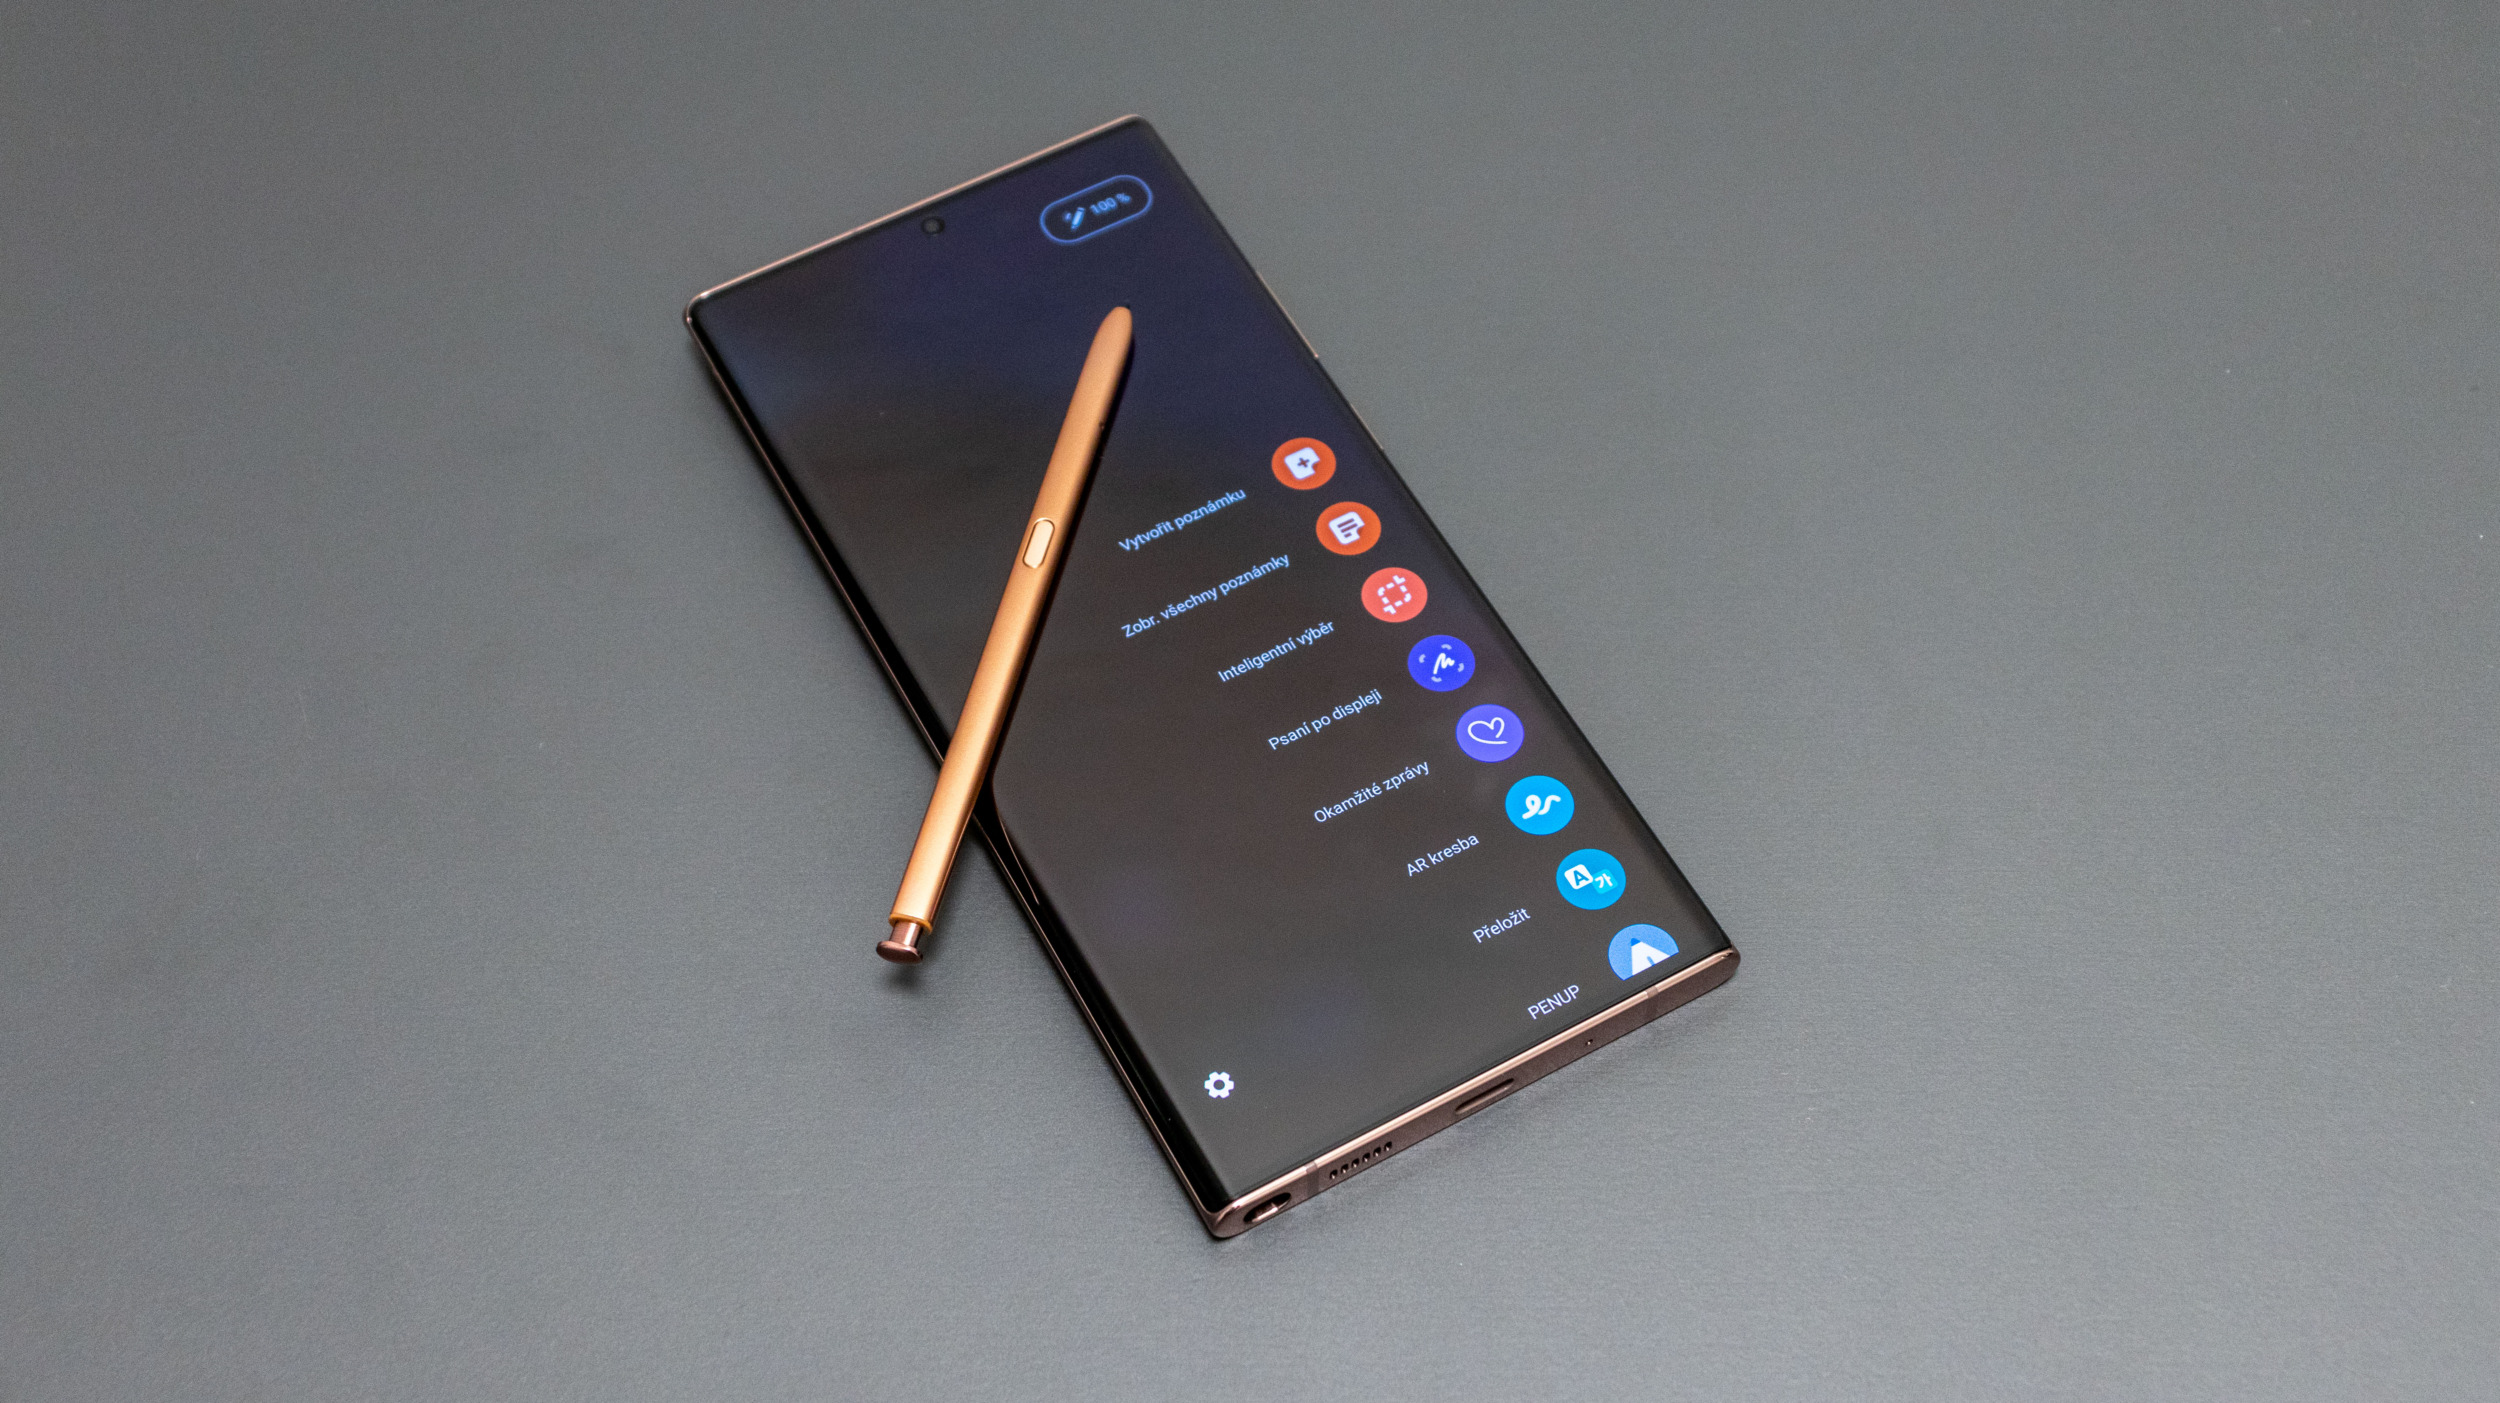 Samsung nově umožní aktualizovat ovladače grafického čipu v Galaxy S20 a Note20